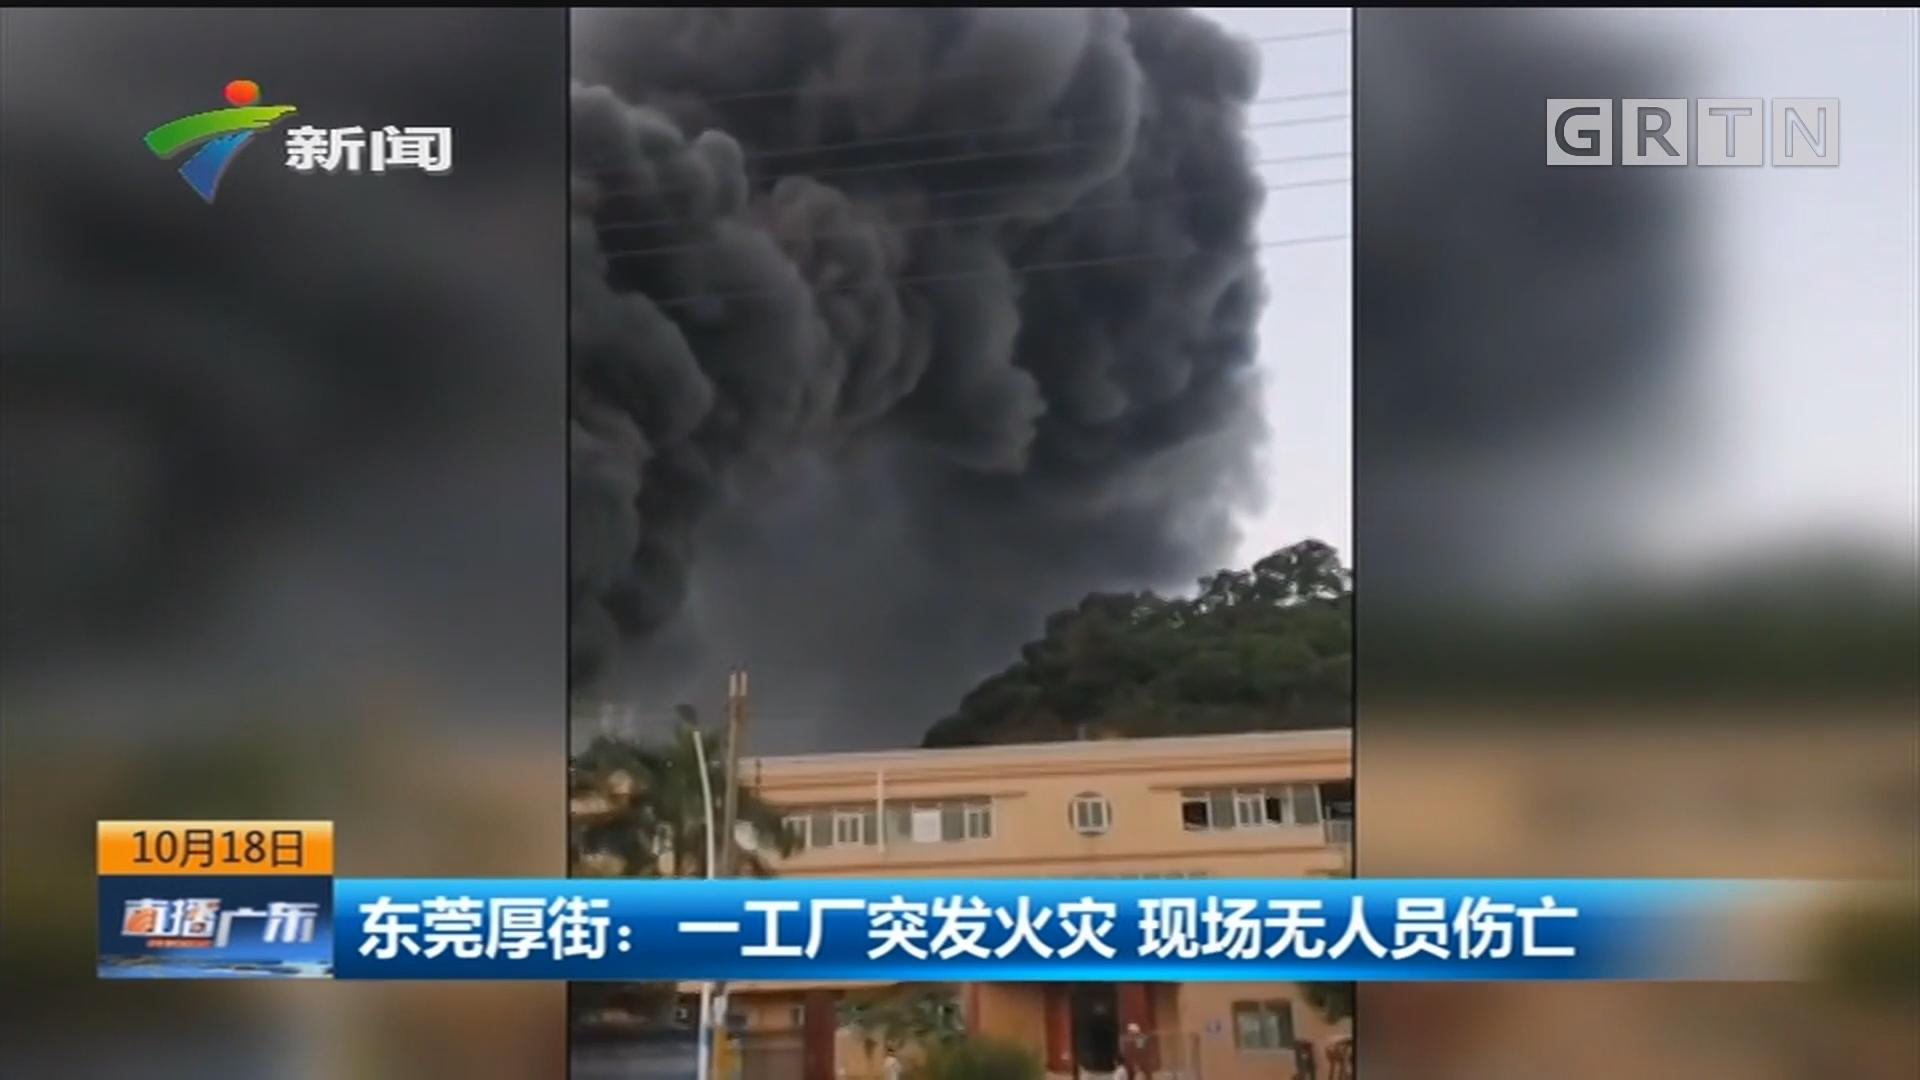 东莞厚街:一工厂突发火灾 现场无人员伤亡